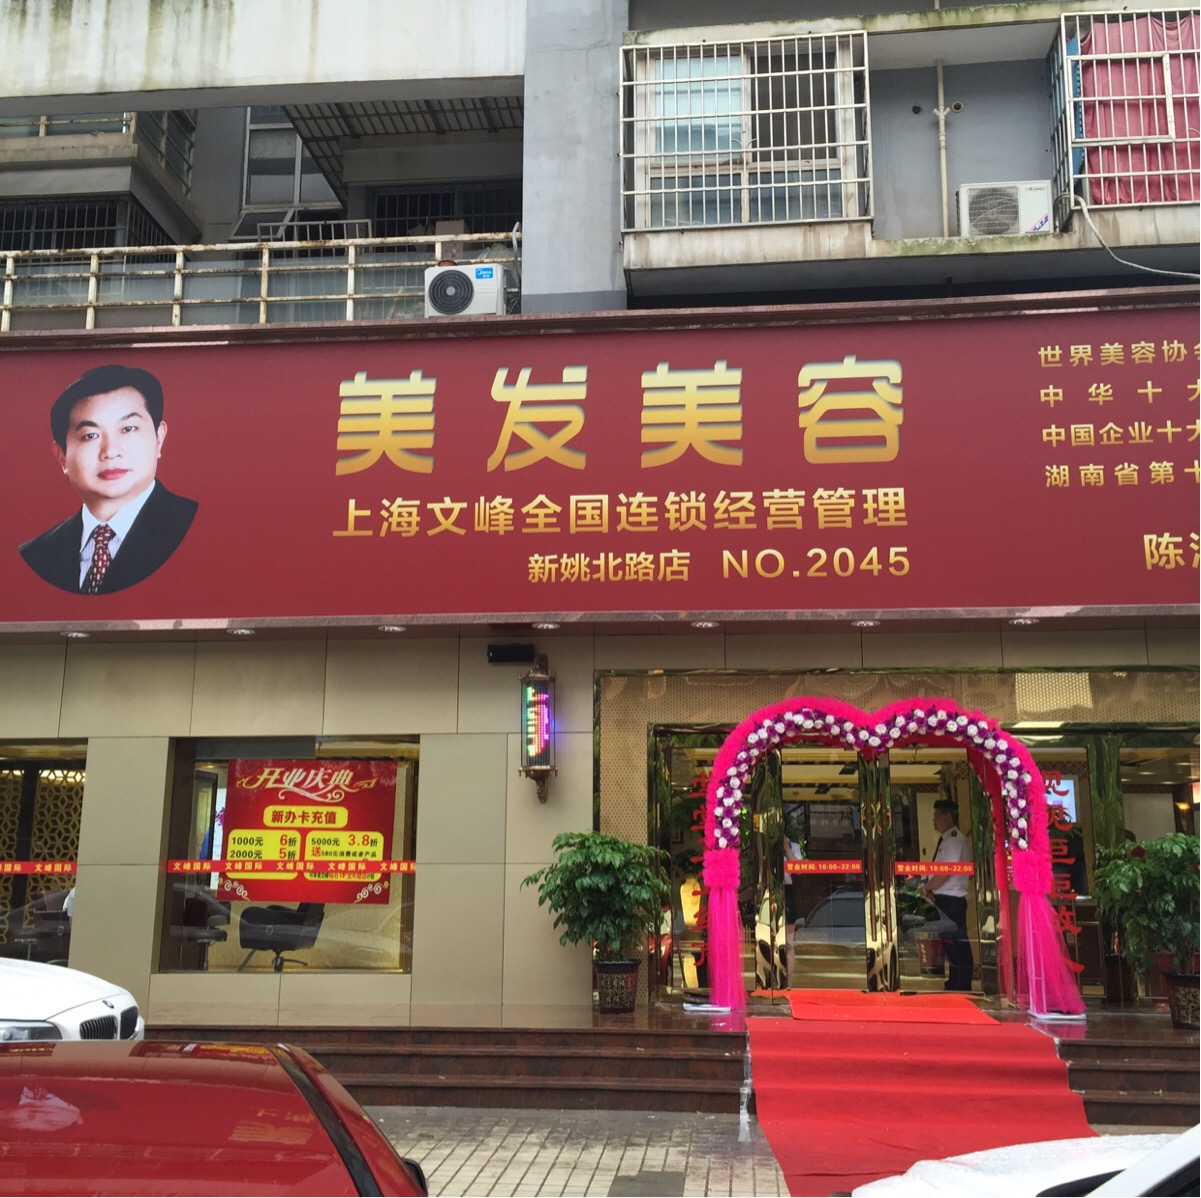 文峰美容美发(新姚北路店)图片